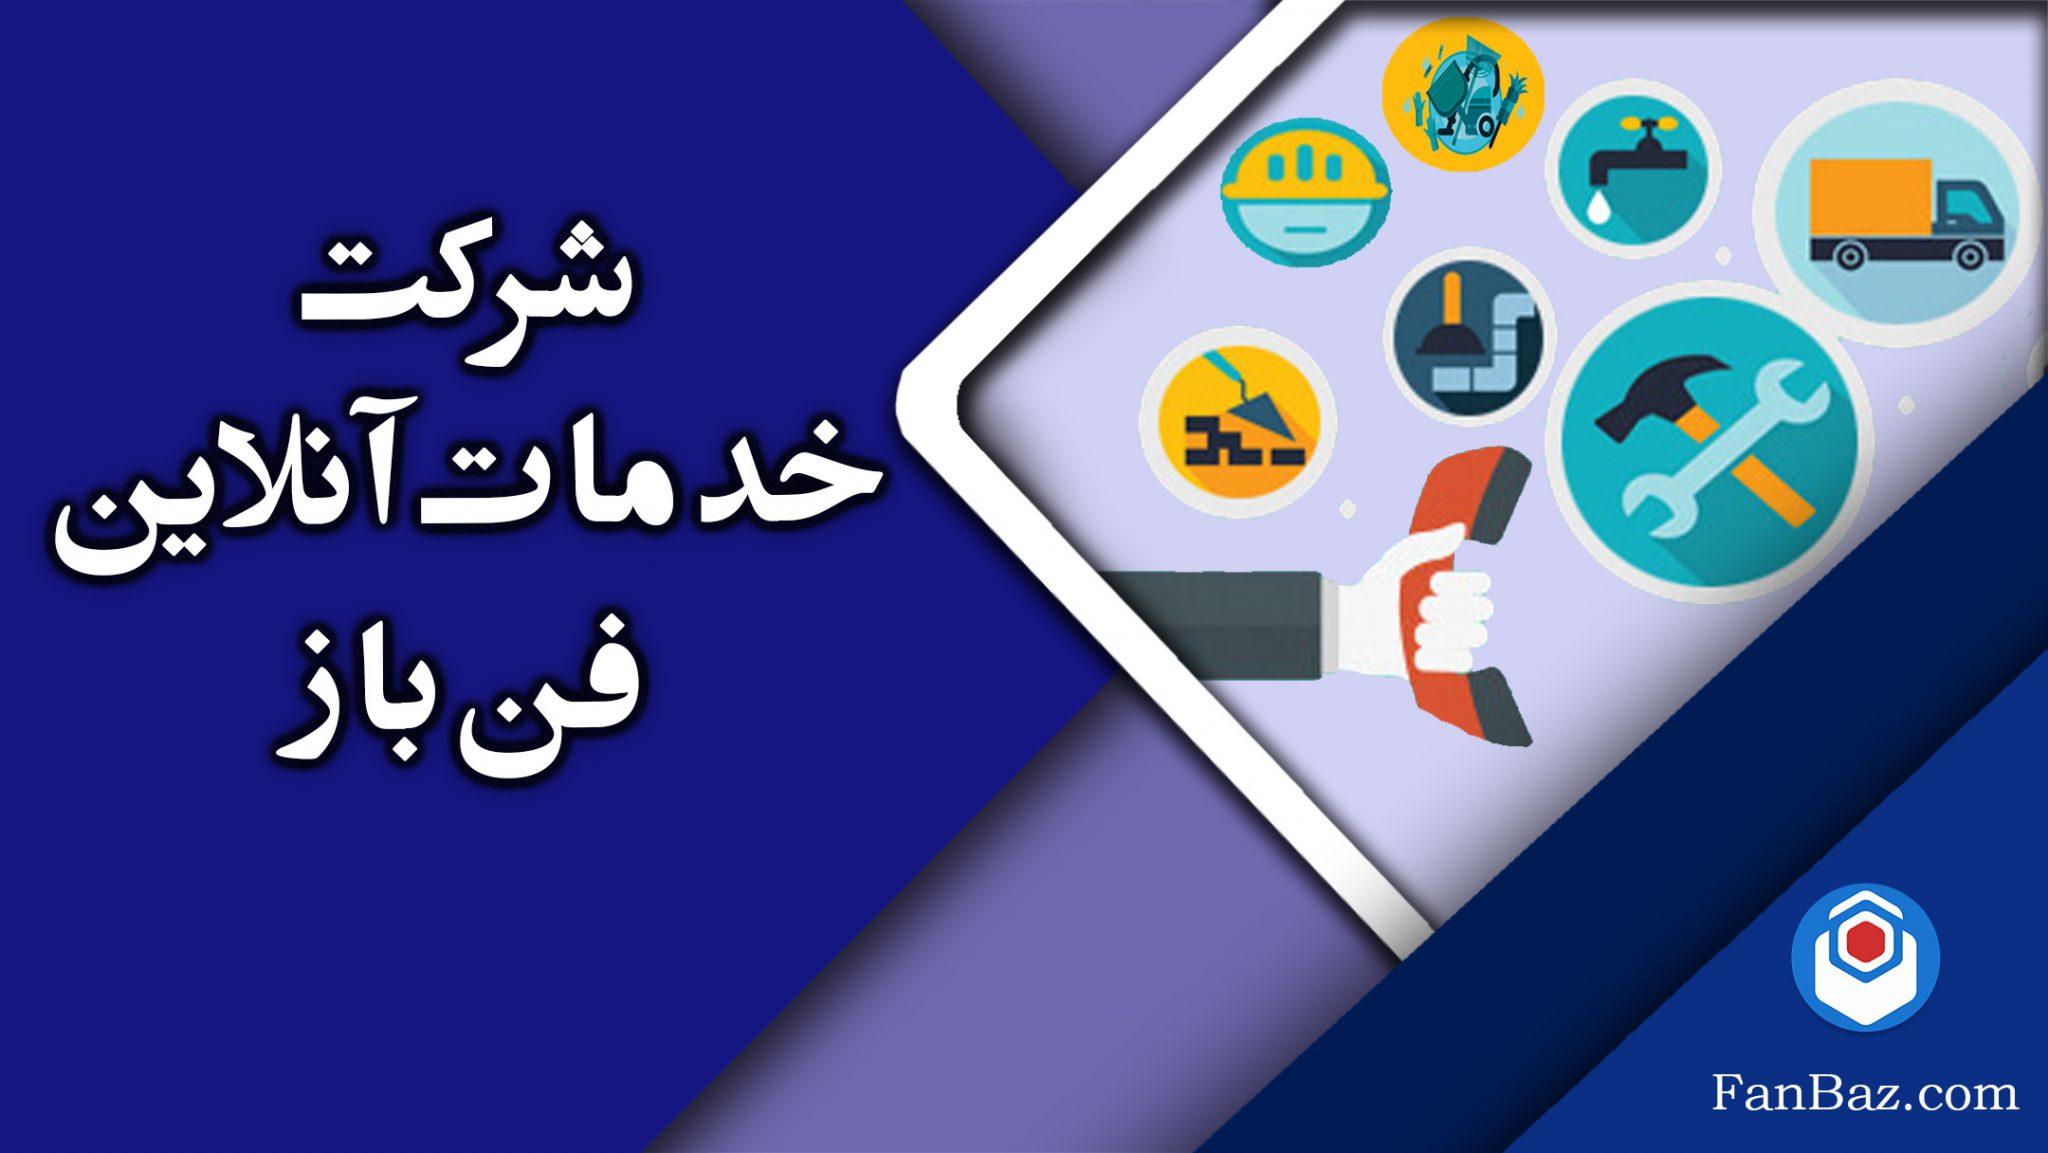 شرکت خدمات آنلاین فن باز در مشهد